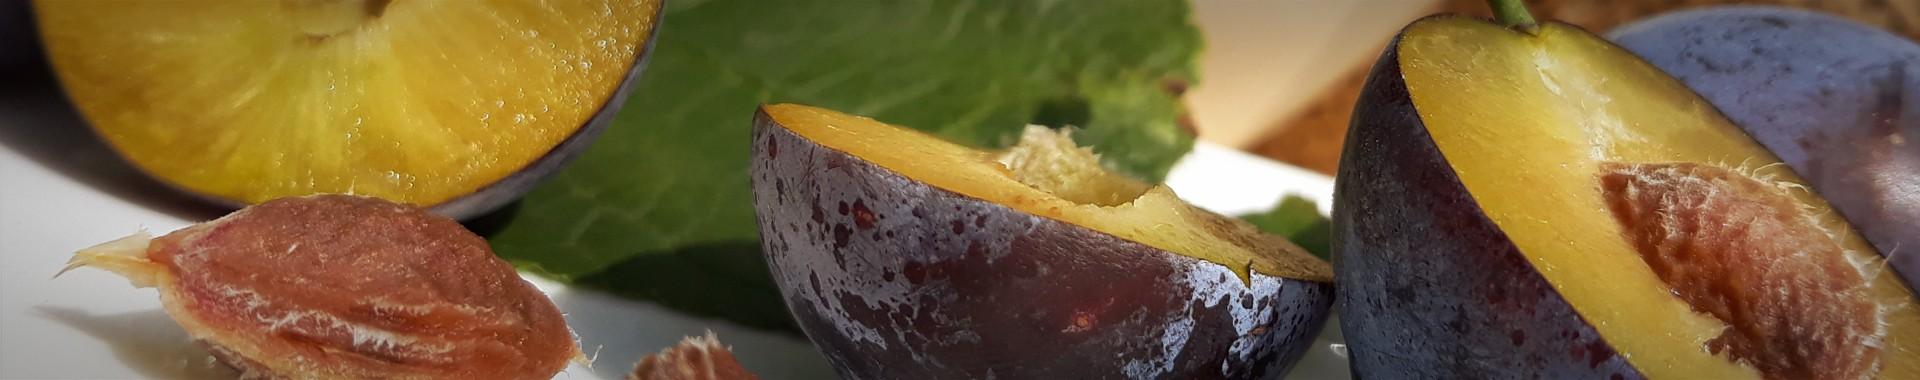 Tündérkertek gyümölcsfa webáruház